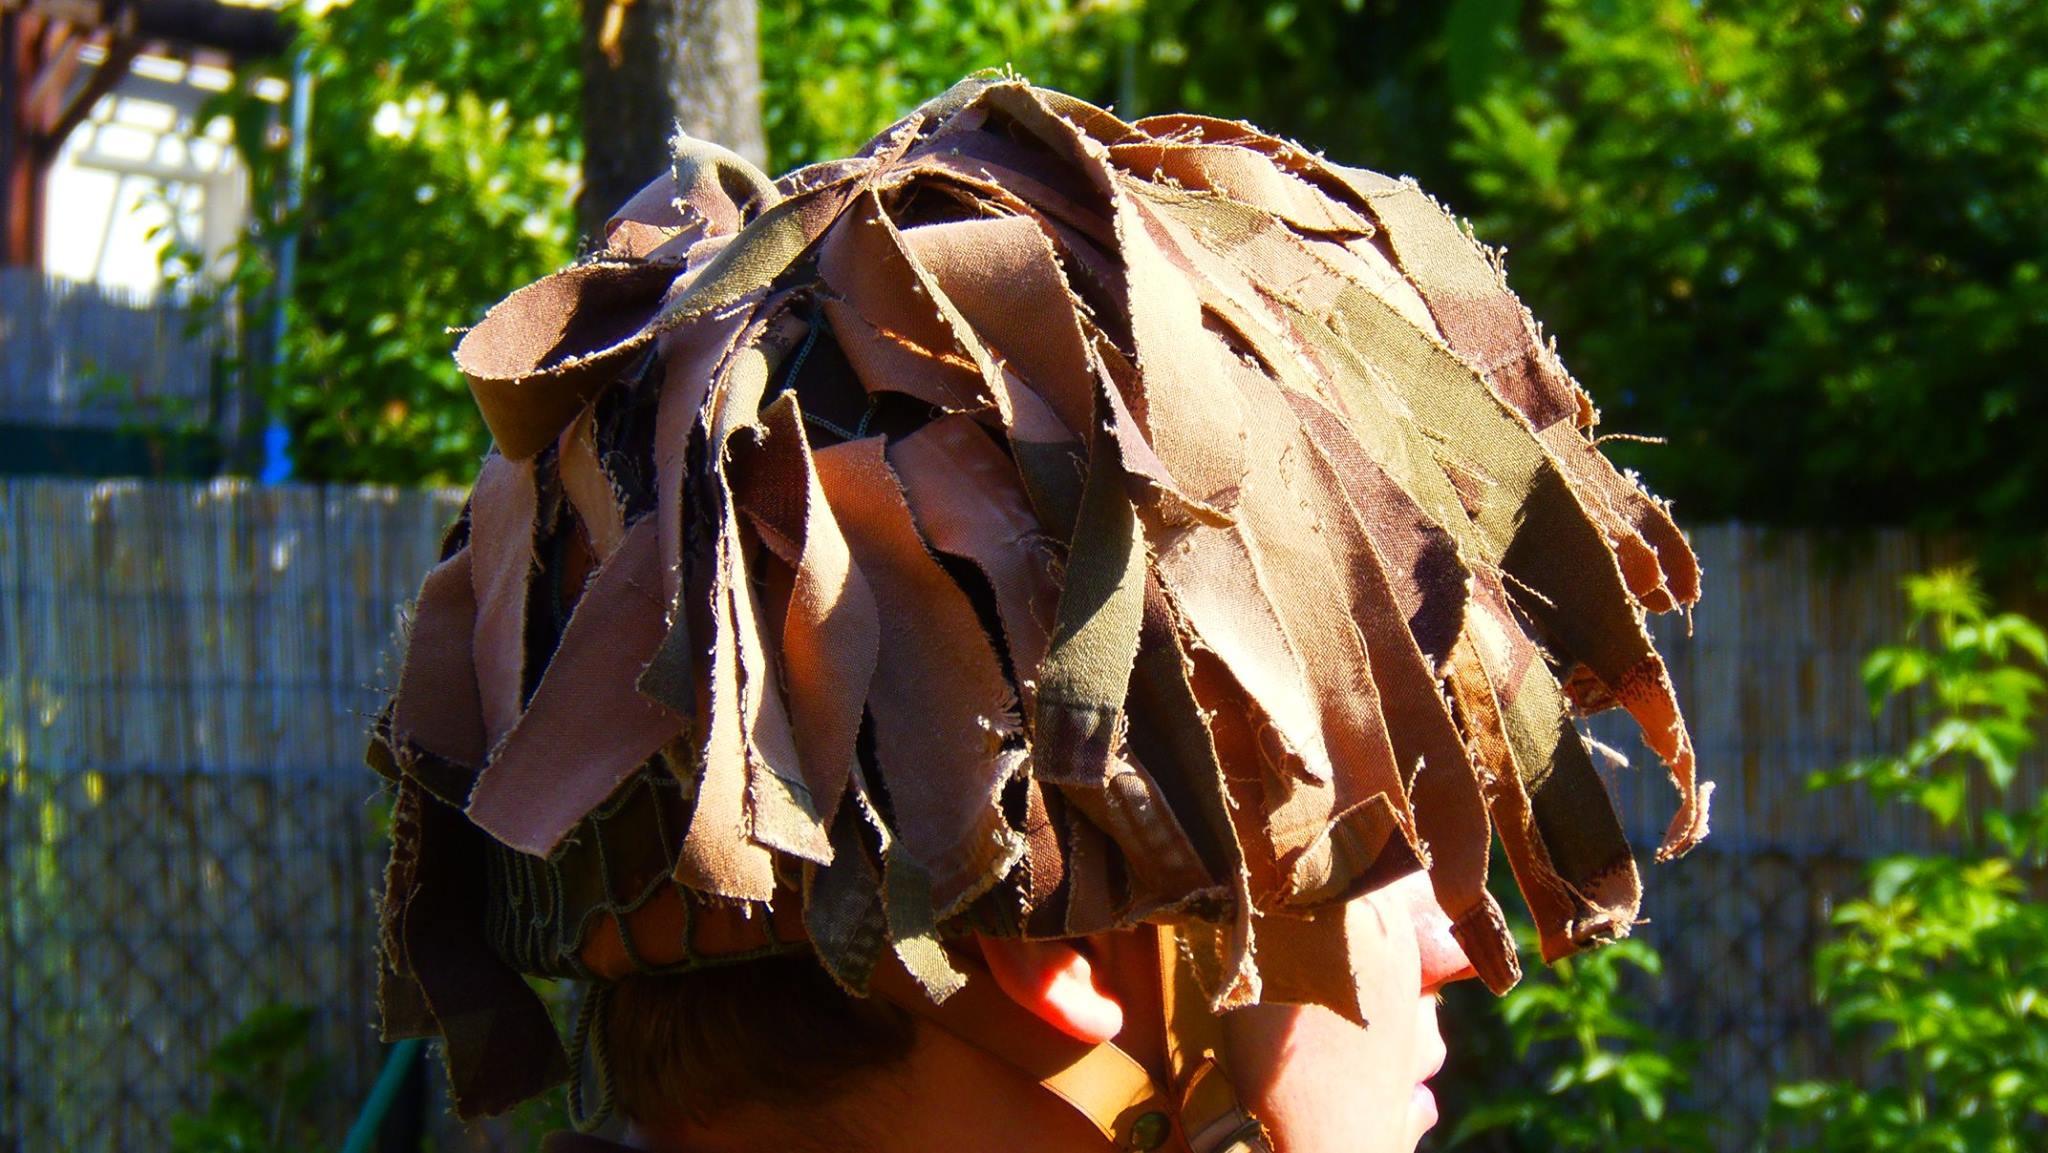 azonosítja a föld által viselt sisakokat helmint betegségek és megelőzésük